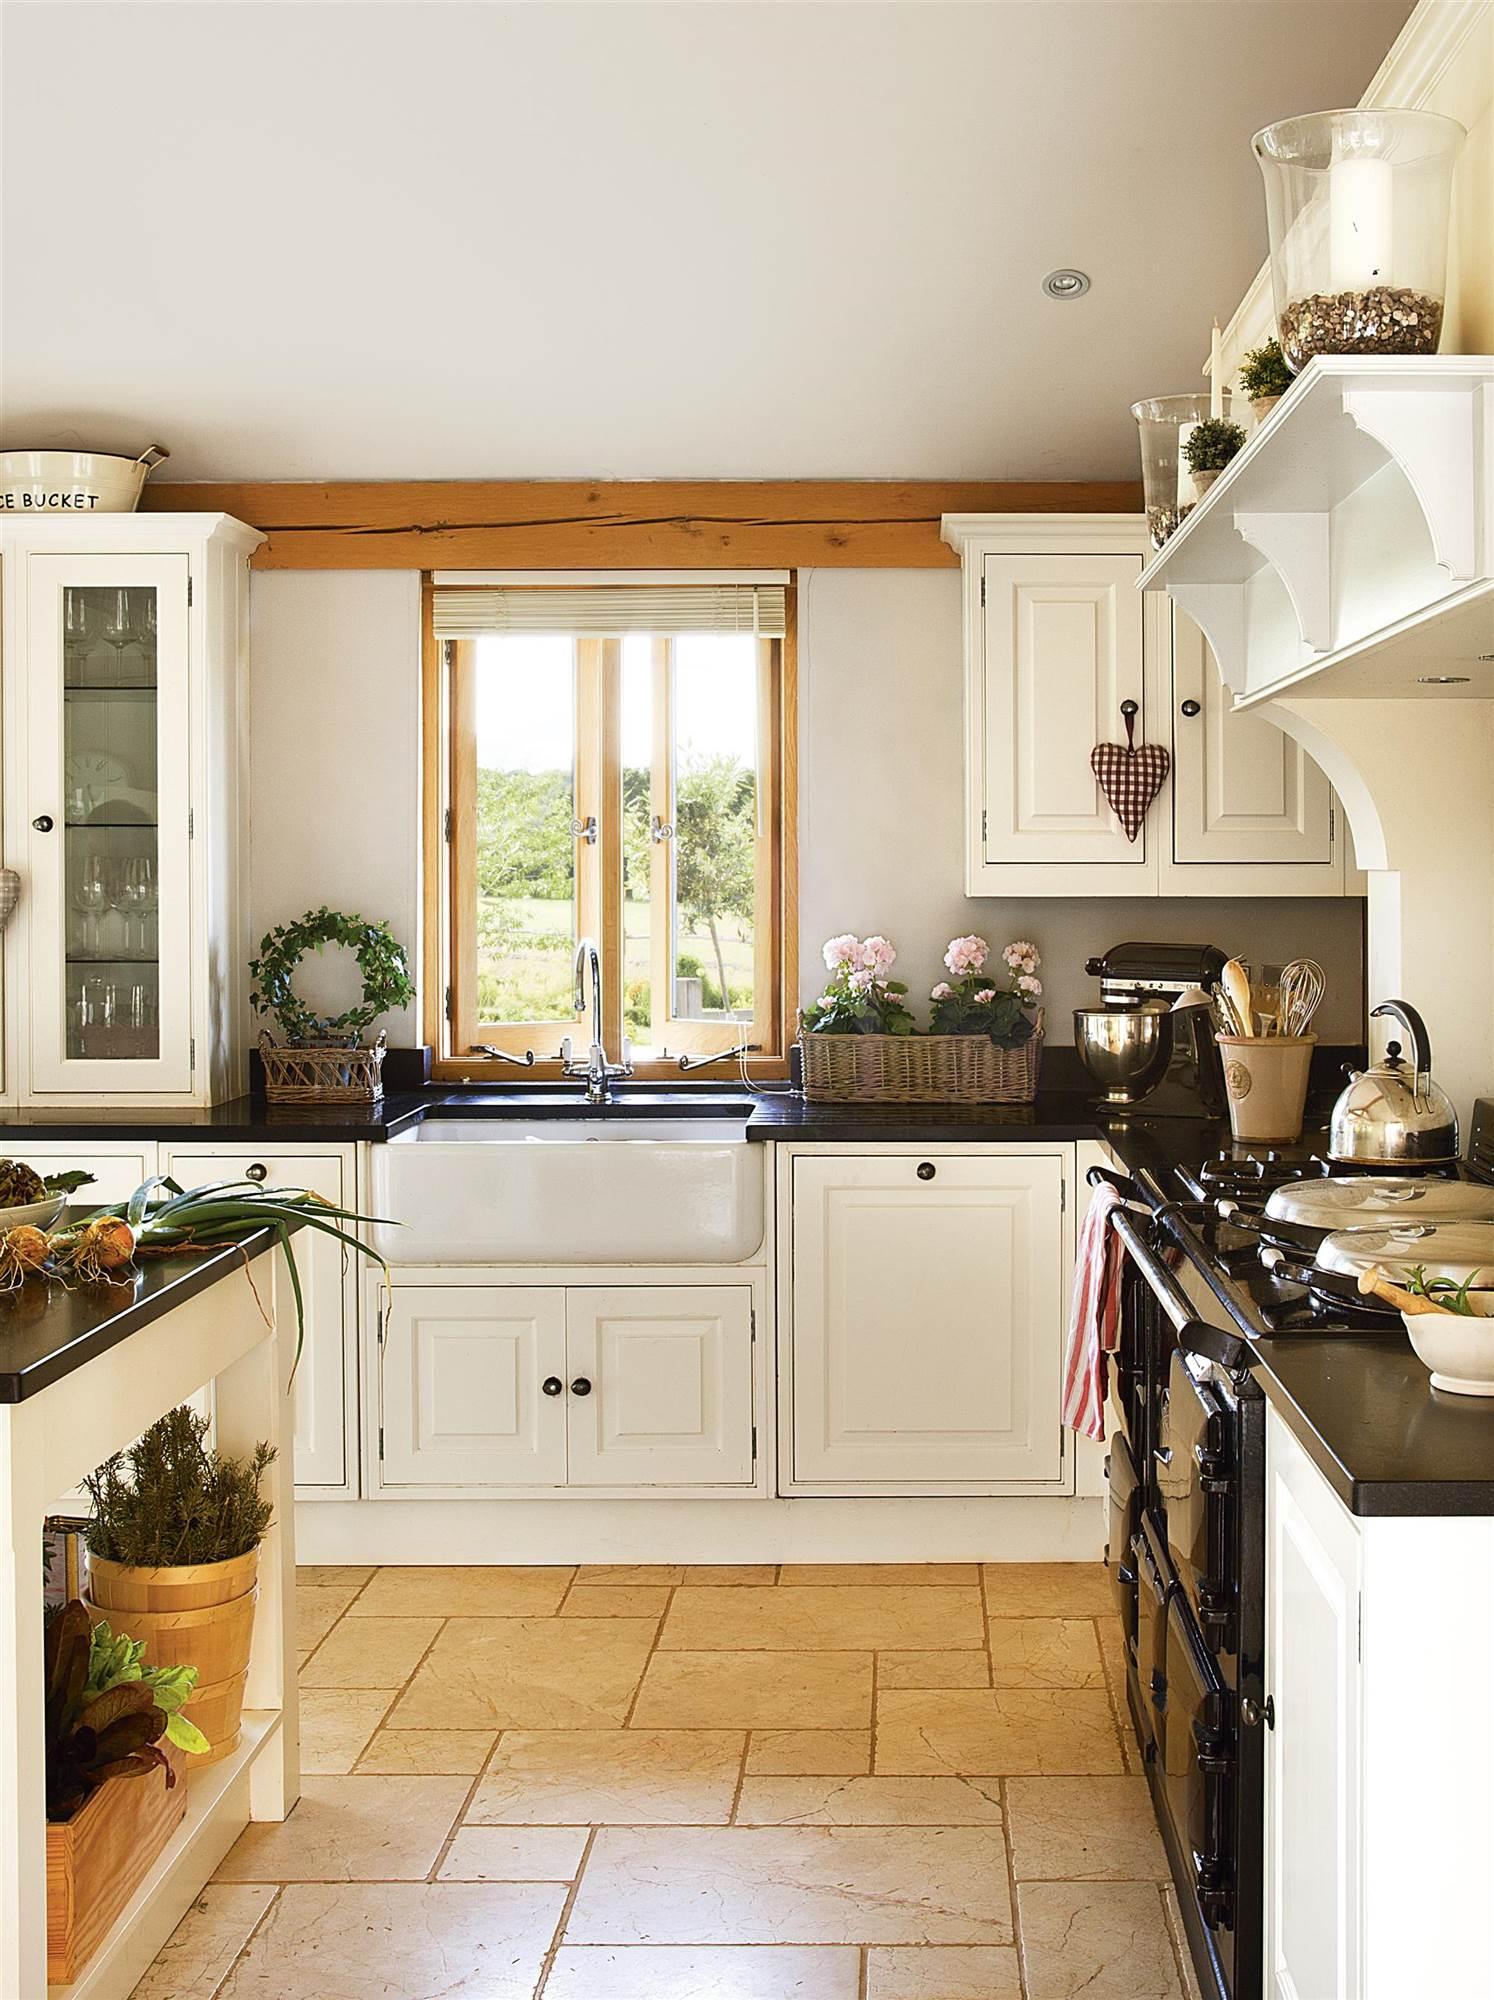 939 fotos de muebles de cocina for Cocina con muebles antiguos